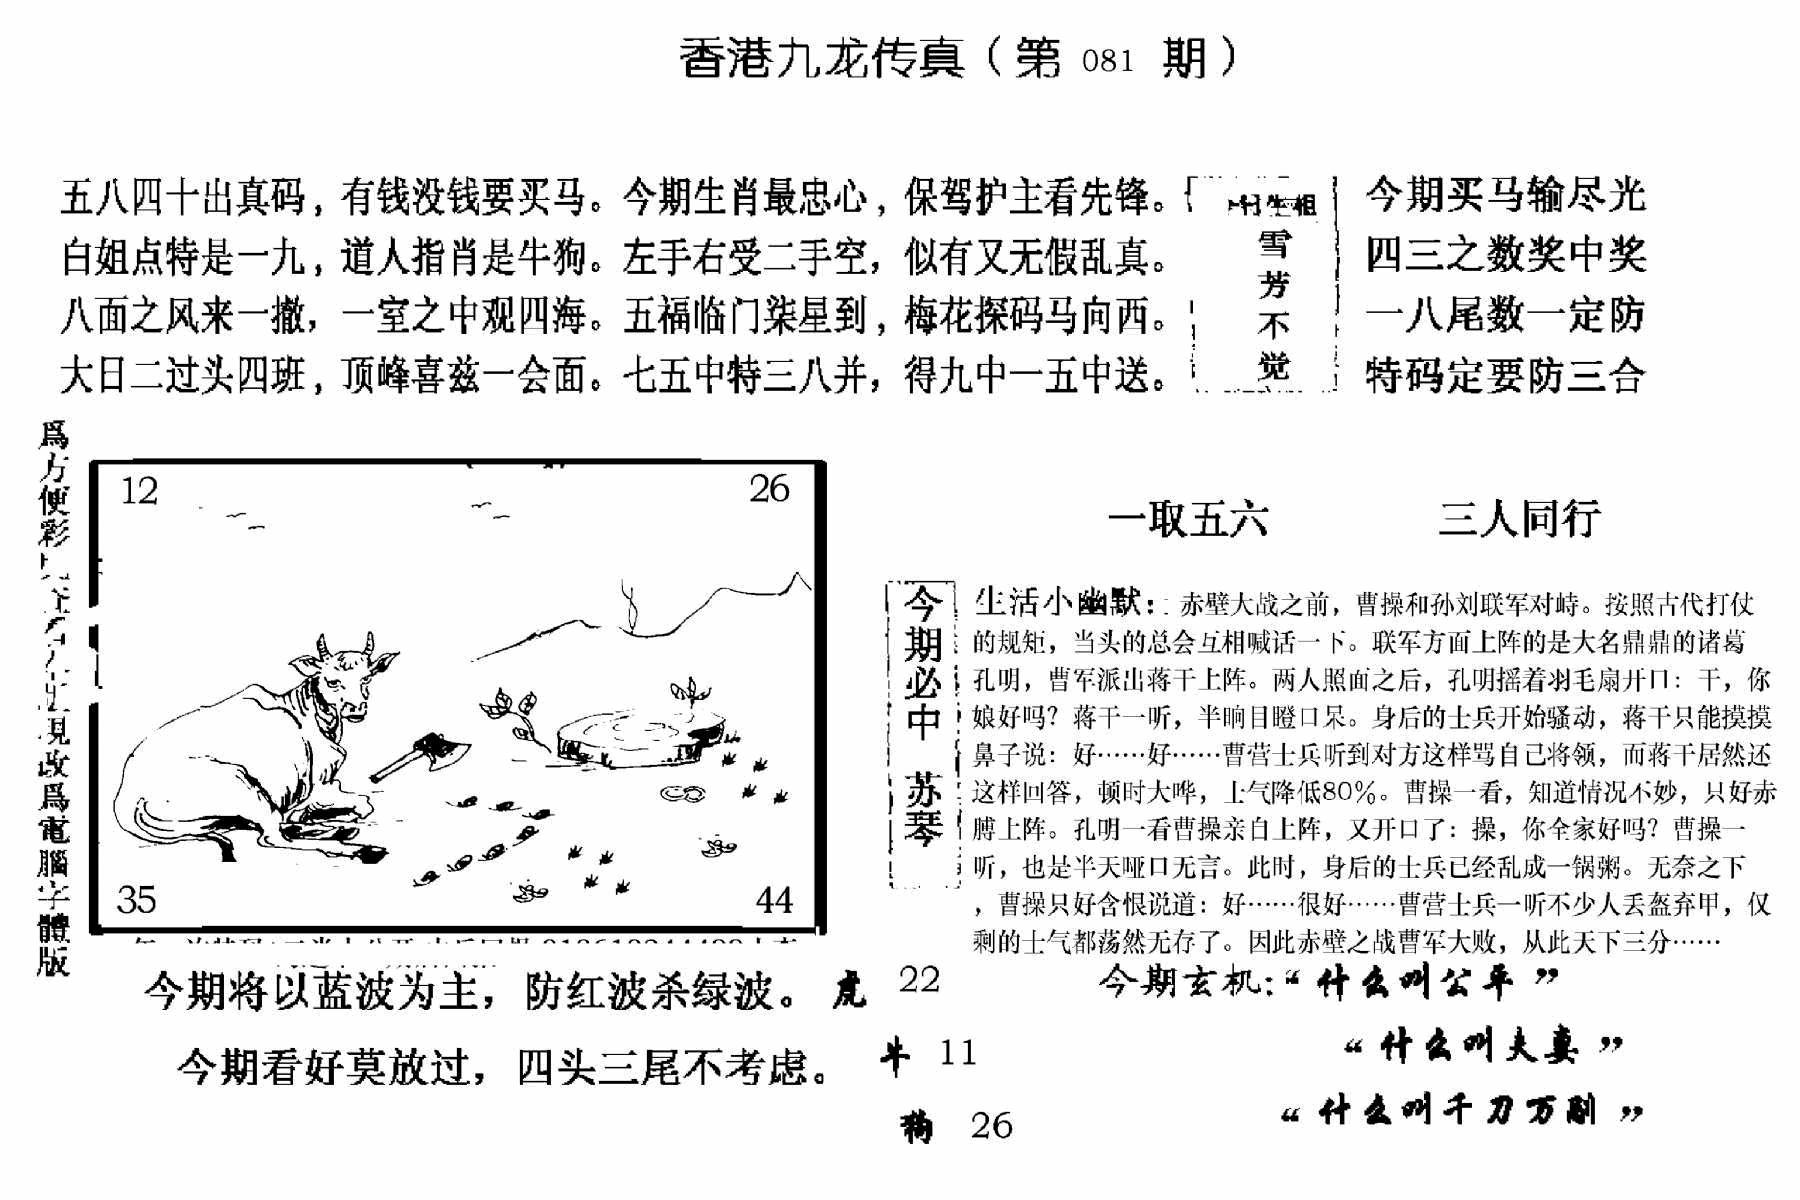 081期手写九龙内幕(电脑版)(黑白)